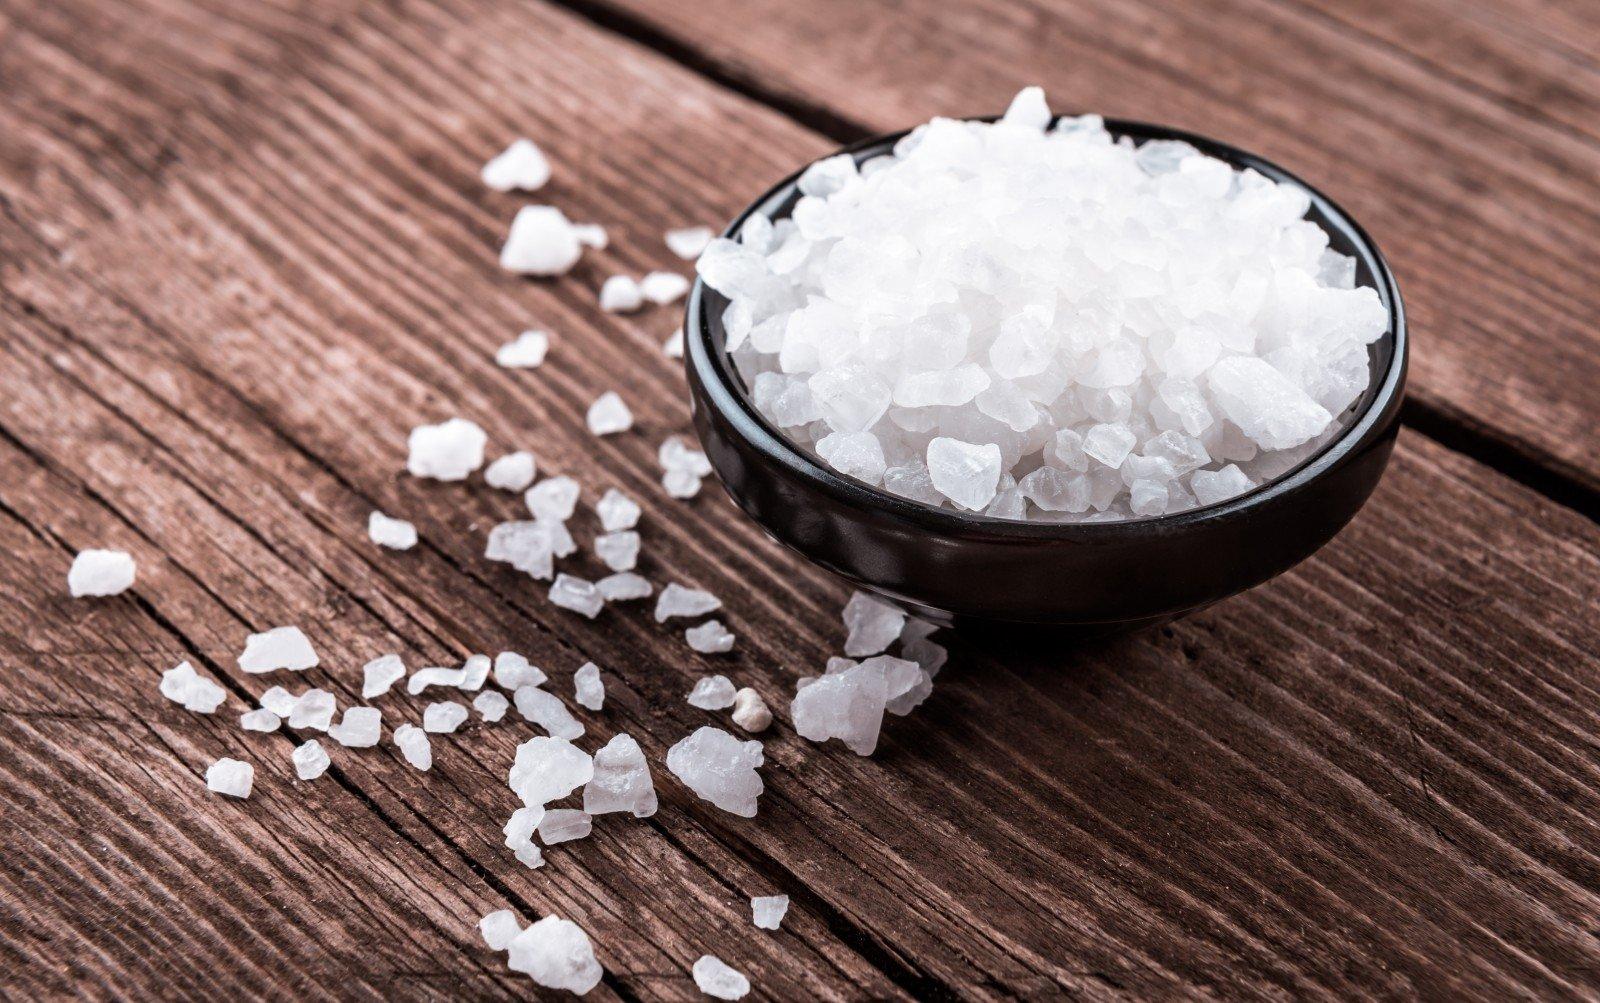 yra druska kenksminga hipertenzijai